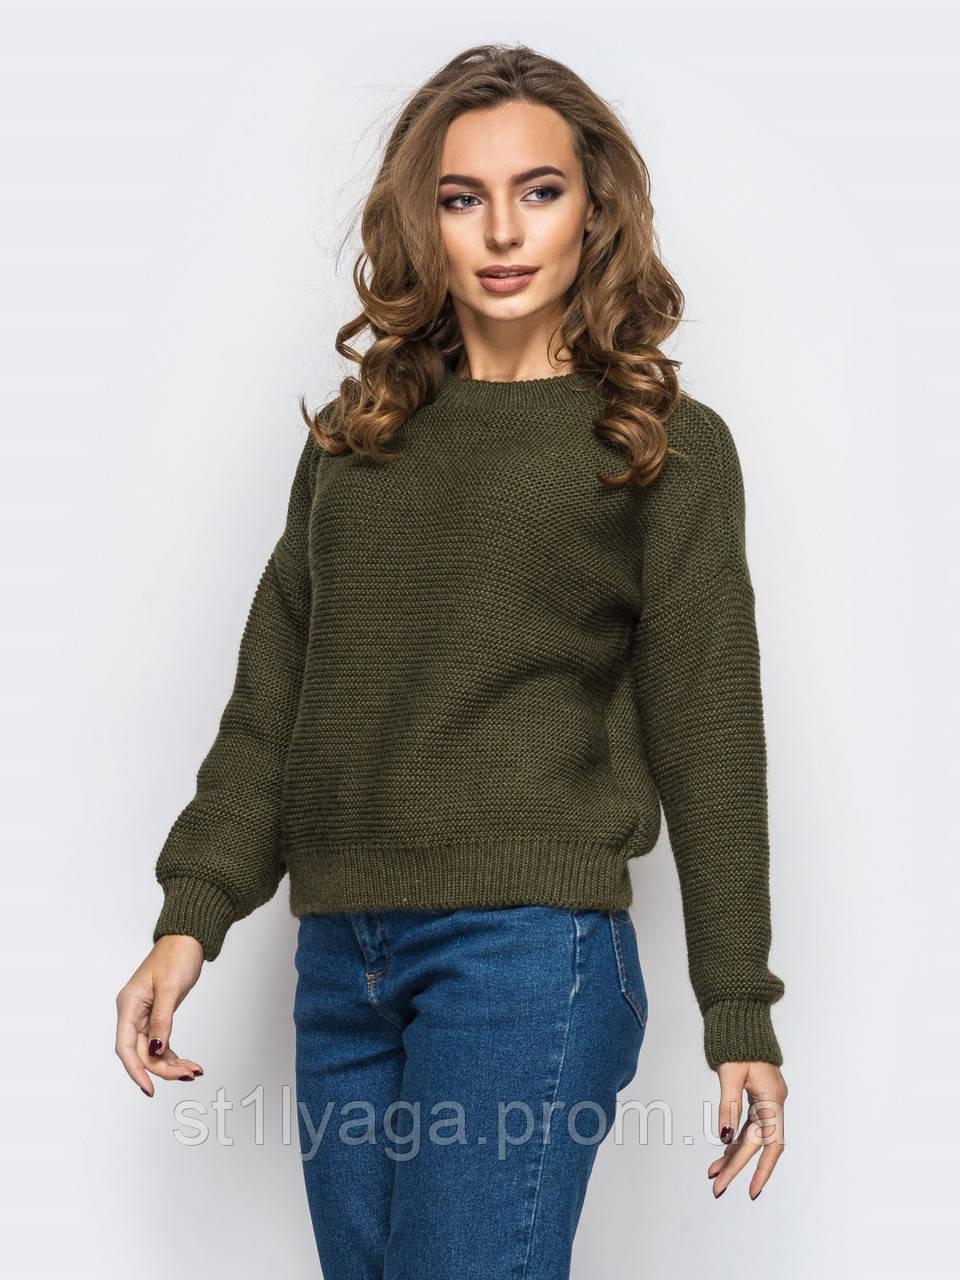 S-L Стильний укорочений светр з гумкою по низу виробу і рукавів